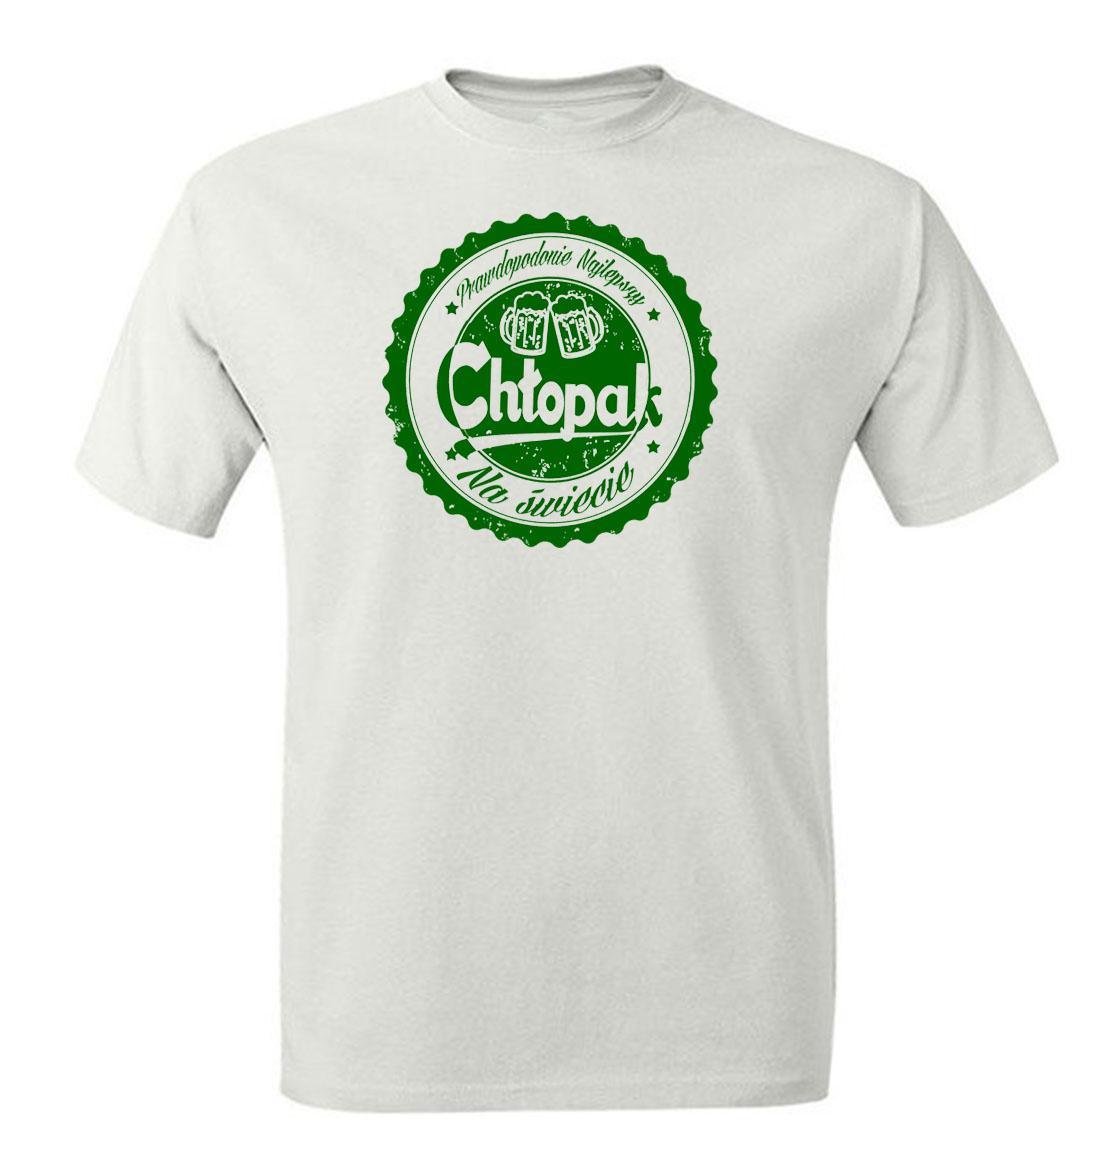 6938a325f Śmieszne koszulki. Koszulka z nadrukiem prawdopodobnie najlepszy chłopak na  świecie